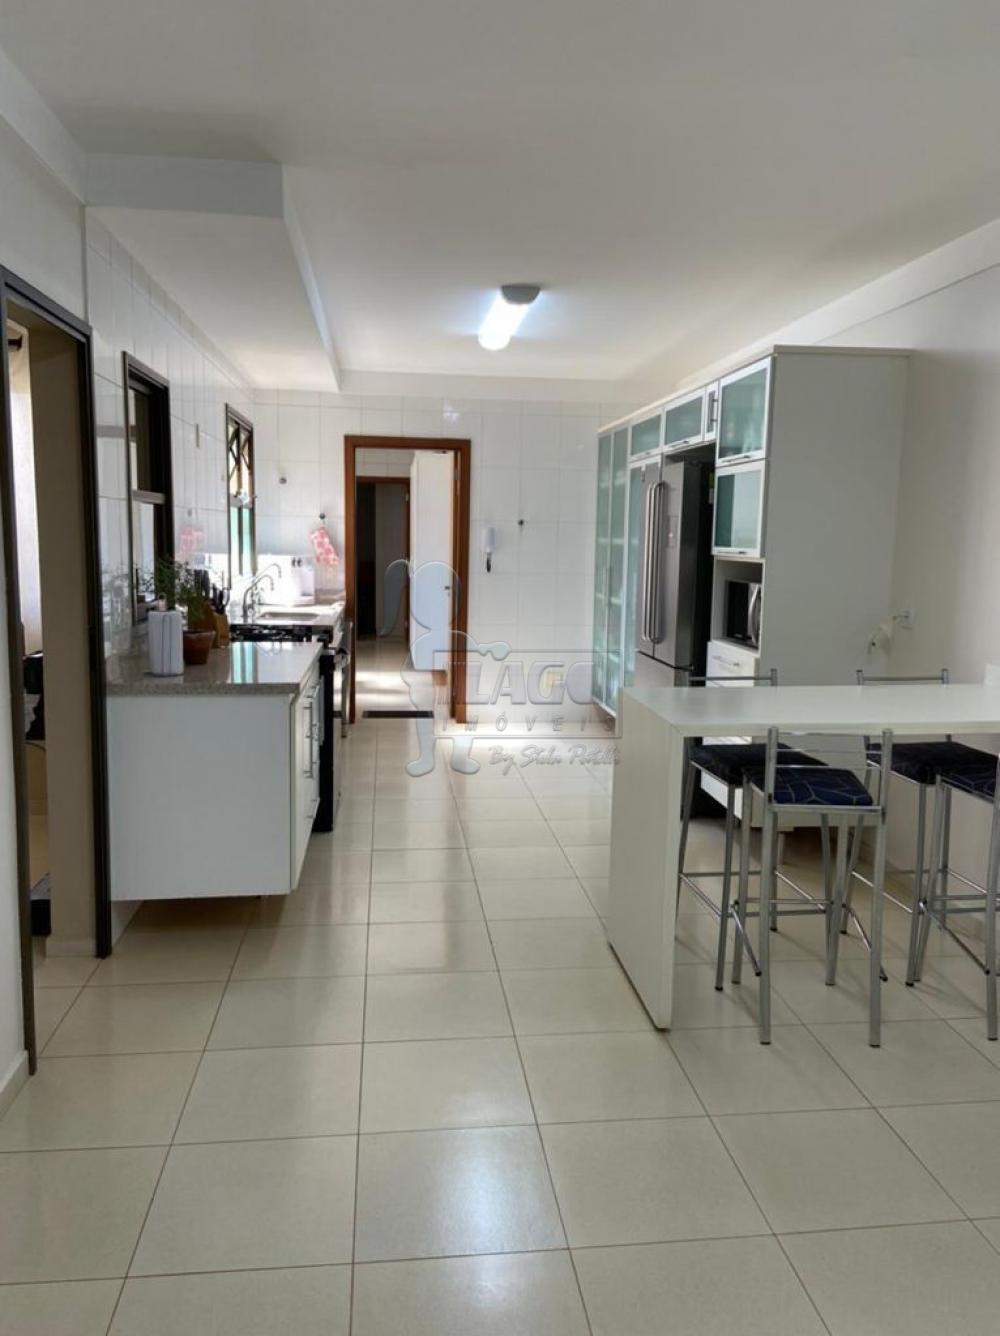 Comprar Apartamento / Padrão em Ribeirão Preto R$ 1.300.000,00 - Foto 20